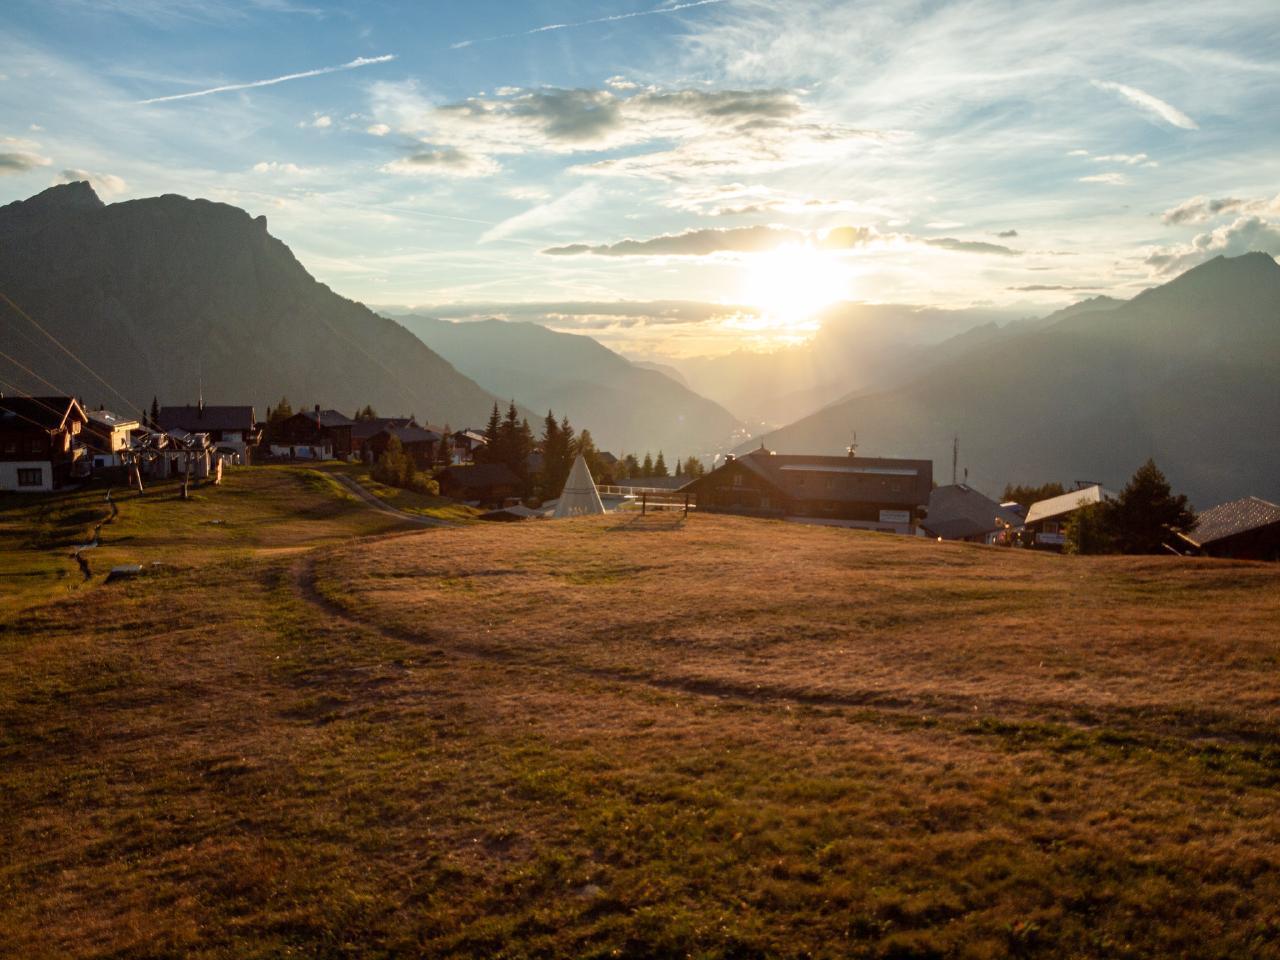 Ferienwohnung Chalet Bergfink | Ferienwohnung in den Walliser Bergen auf Rosswald (2311758), Rosswald, Brig - Simplon, Wallis, Schweiz, Bild 18